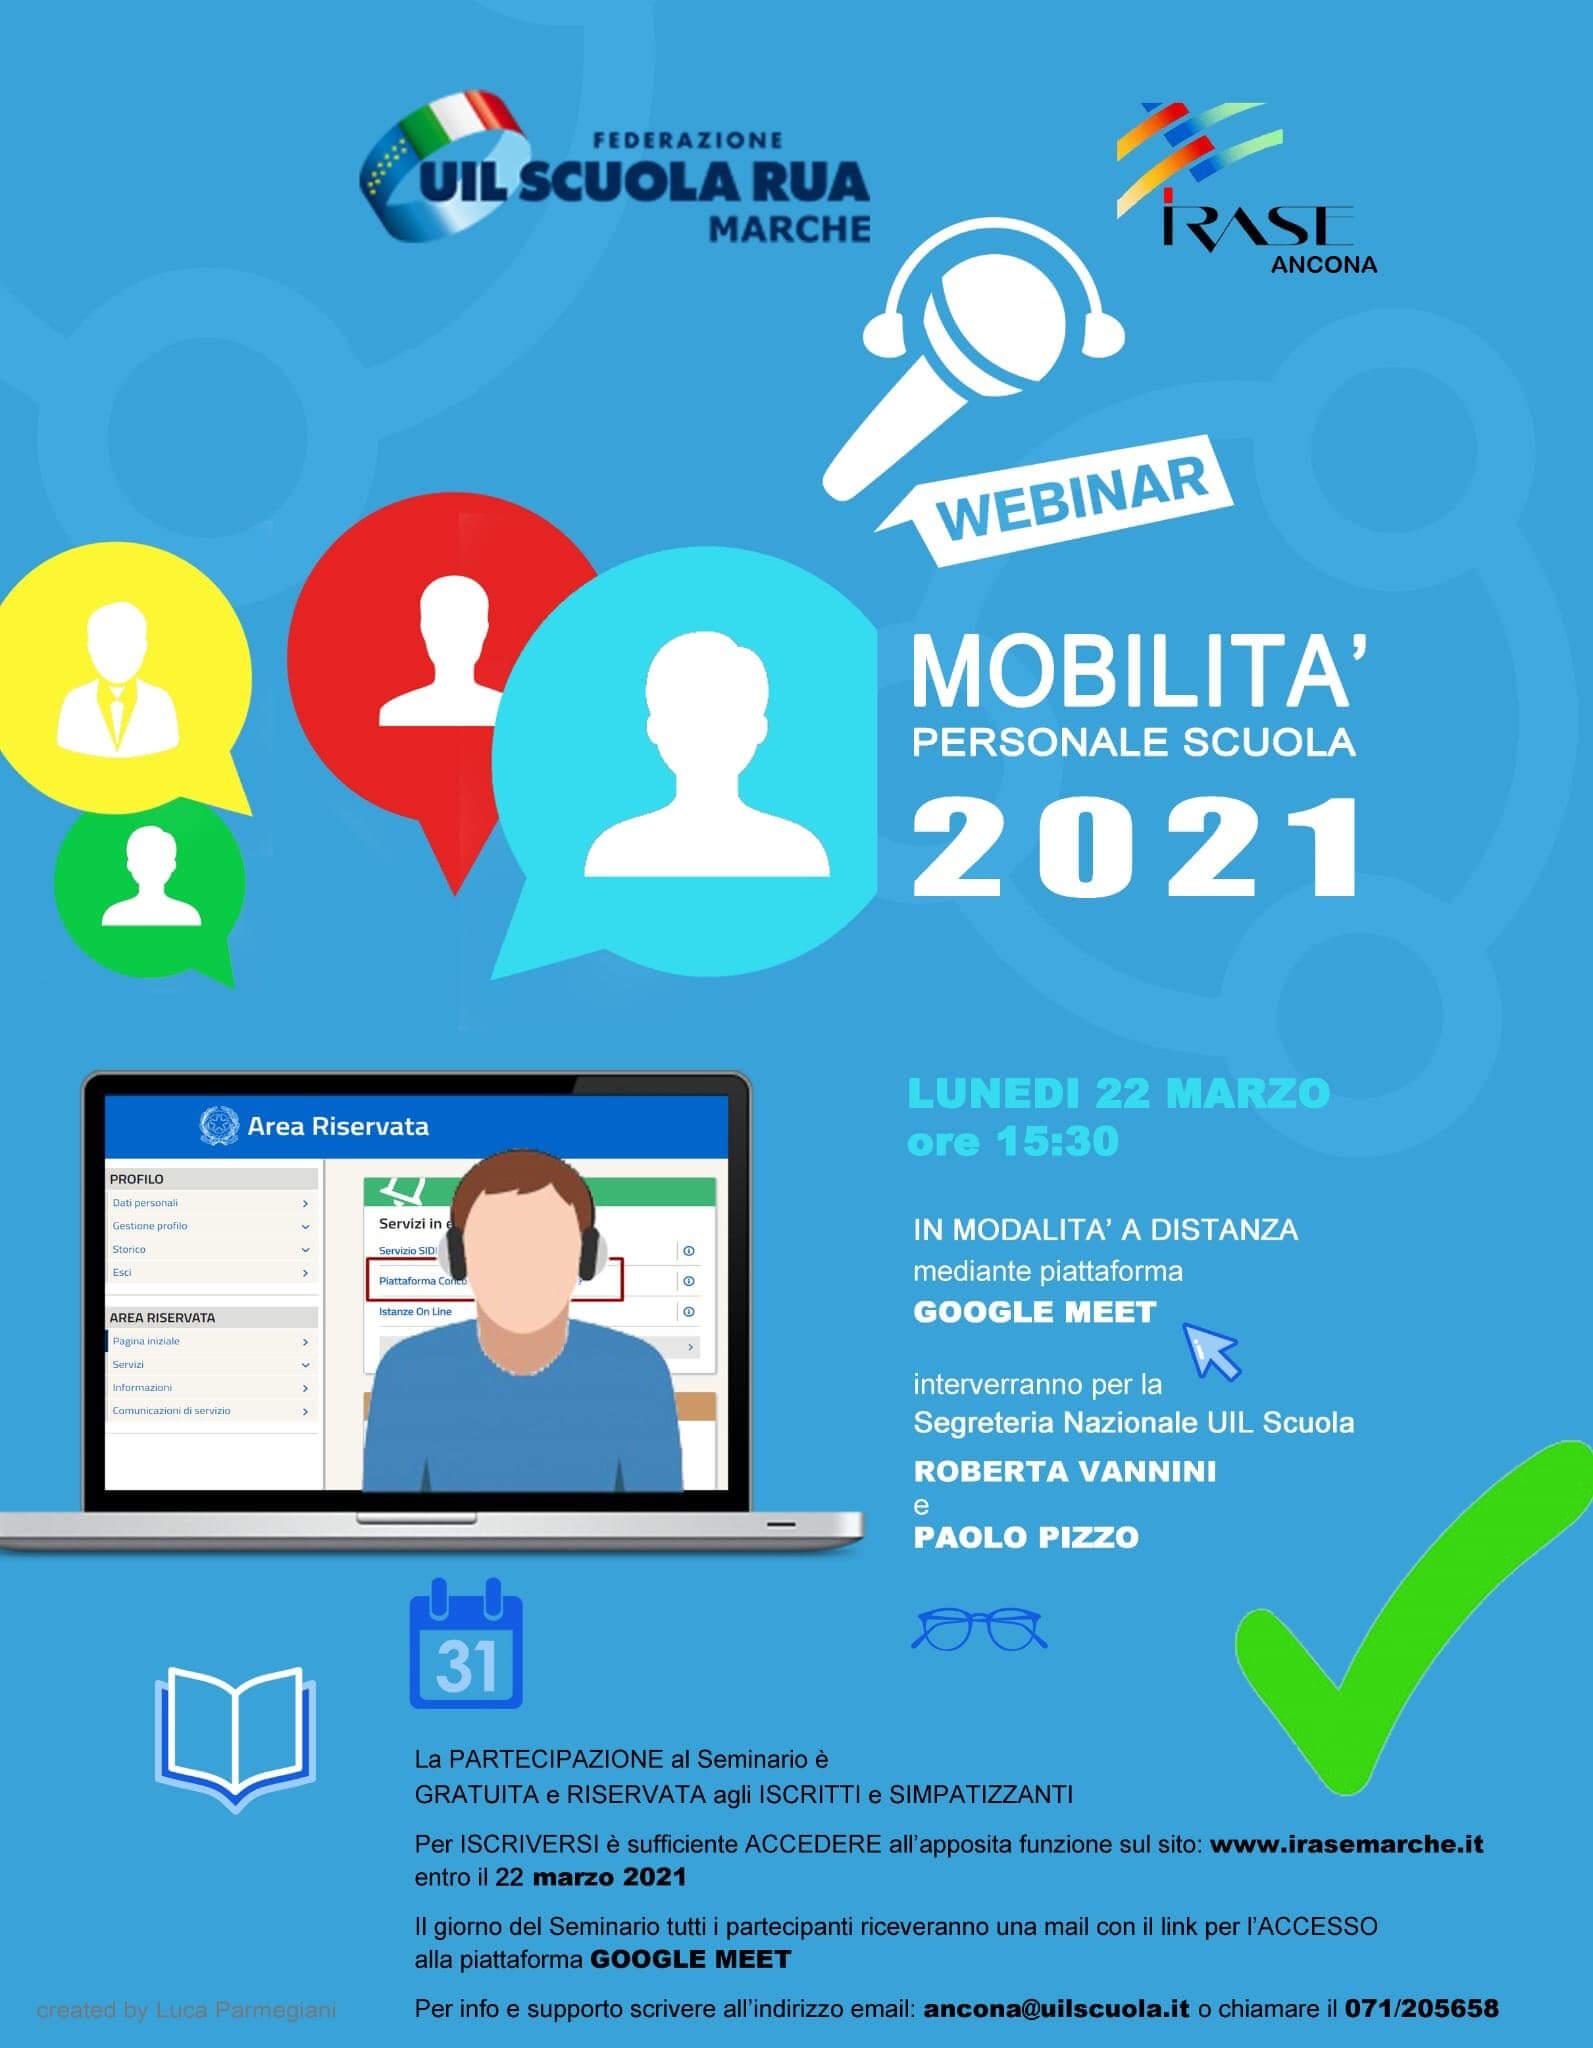 locandina Webinar MOBILITA' PERSONALE SCUOLA 2021